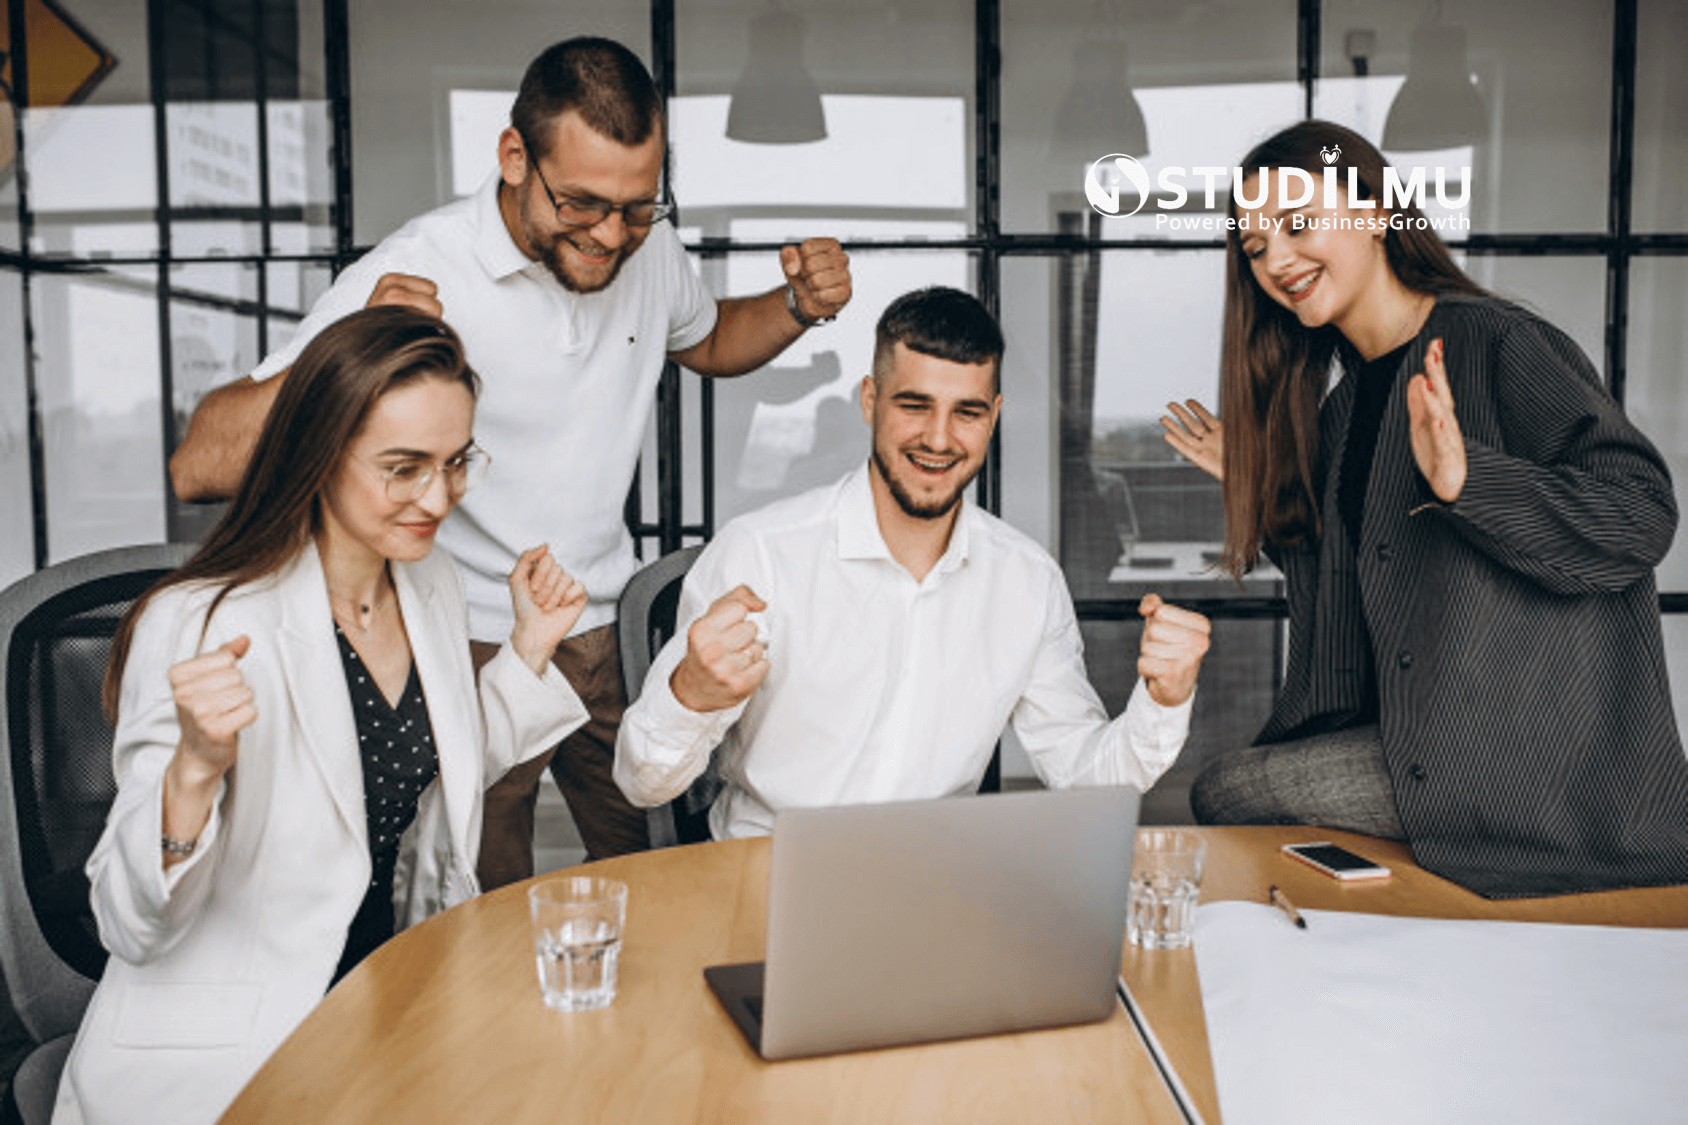 STUDILMU Career Advice - Apa Itu Kerjasama Tim? dan Bagaimana Perusahaan Mendorongnya?